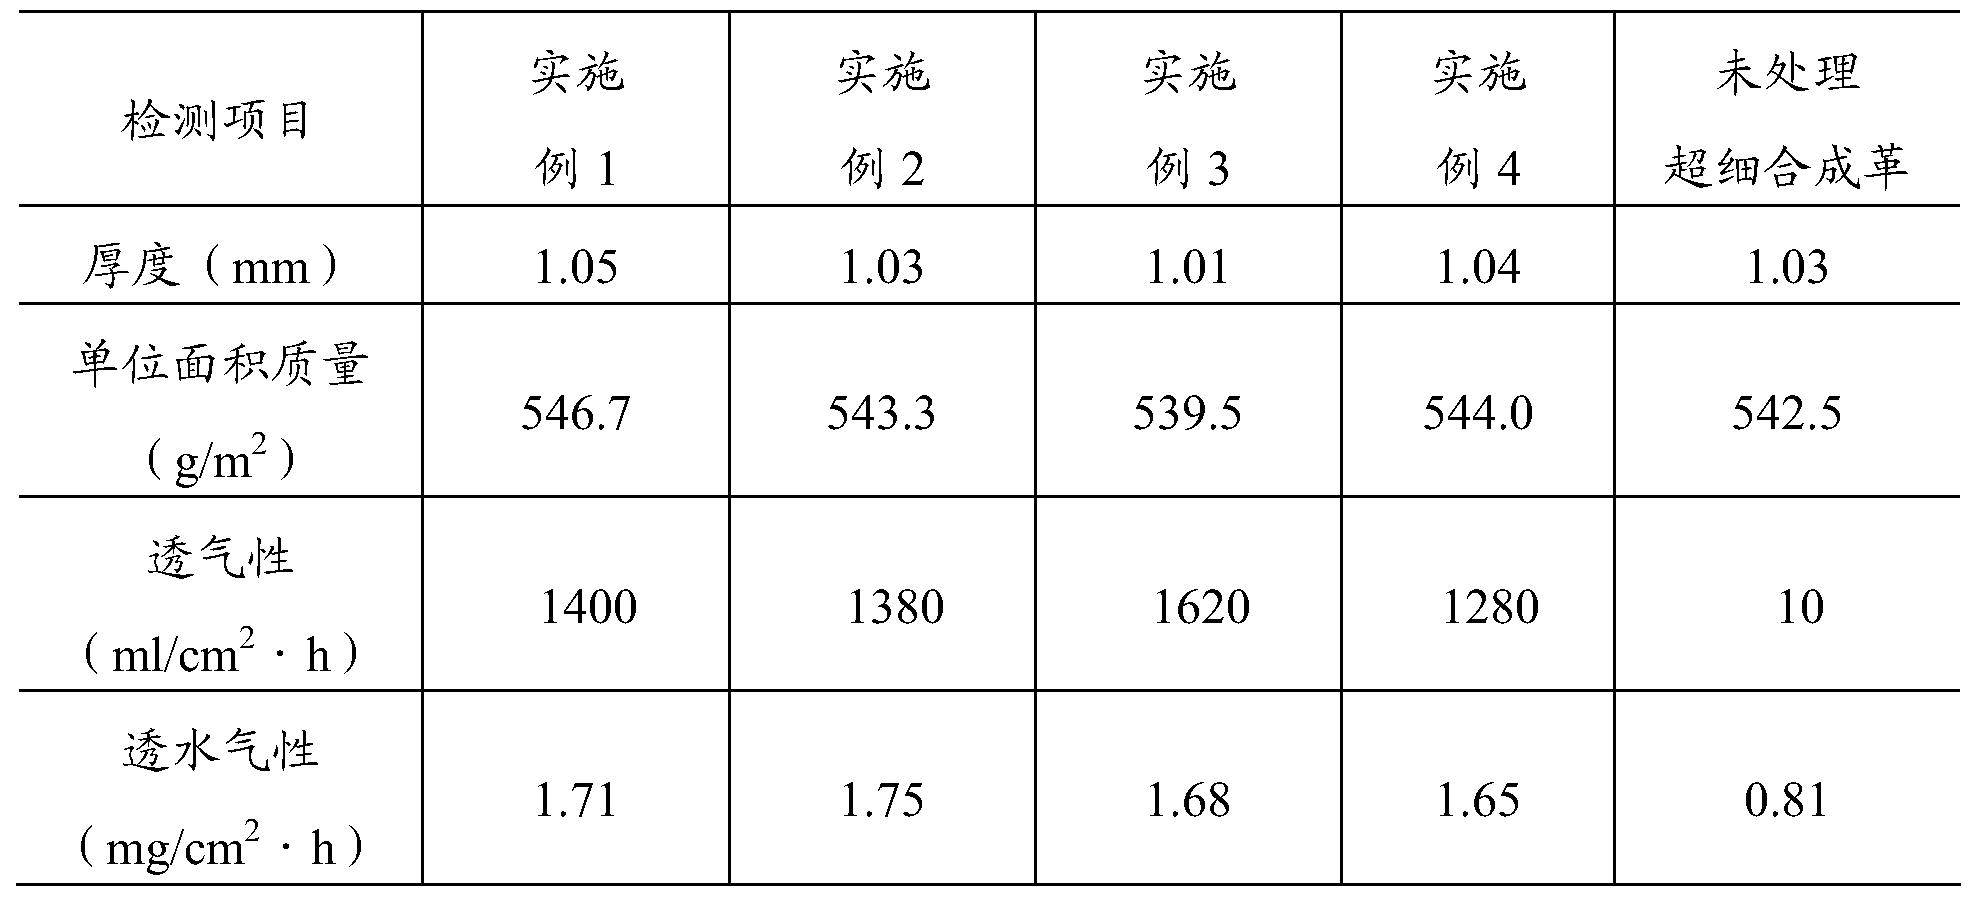 """一种提高定岛超细纤维合成革卫生性能的方法 本申请要求于 2010 年 8 月 25 日提交中国专利局、 申请号为 201010262234.5、 发明名称为""""一种提高定岛超细纤维合成革卫生性能的方法"""" 的中国专利申请的优先权, 其全部内容通过引用结合在本申请中。 技术领域 本发明涉及合成革,具体涉及一种提高定岛超细纤维合成革卫生性能的方 法。 背景技术 天然皮革资源有限, 而且生产过程中会产生较大的污染, 因此, 具有优良 性能的仿真合成革的开发成为人类的追求。在仿真皮革中, 以具有三维网状结 构的超"""